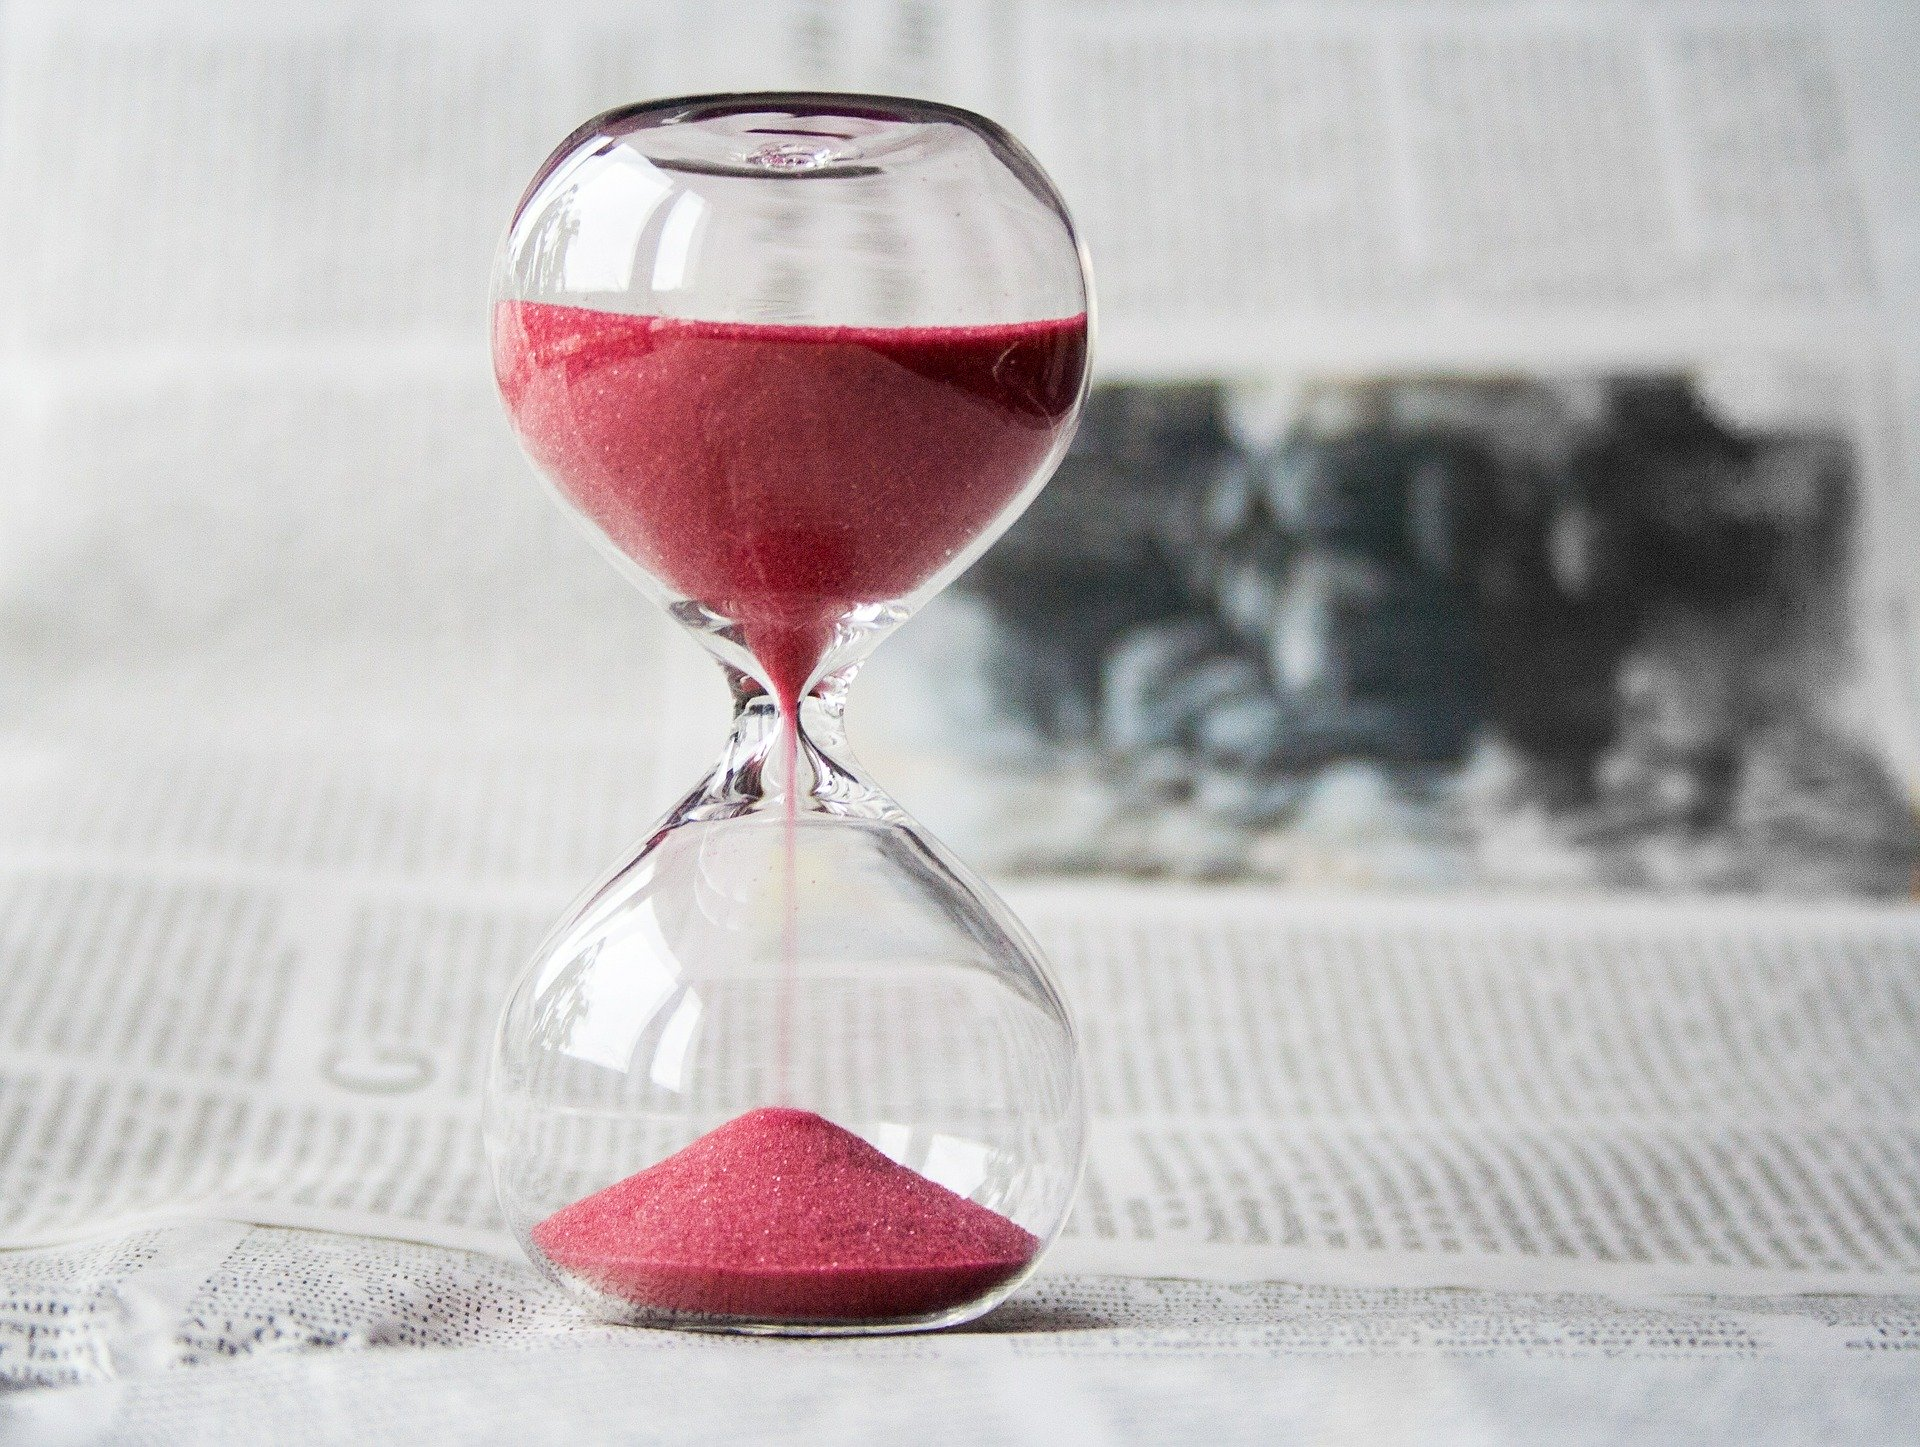 Wie lange dauert es schwanger zu werden?